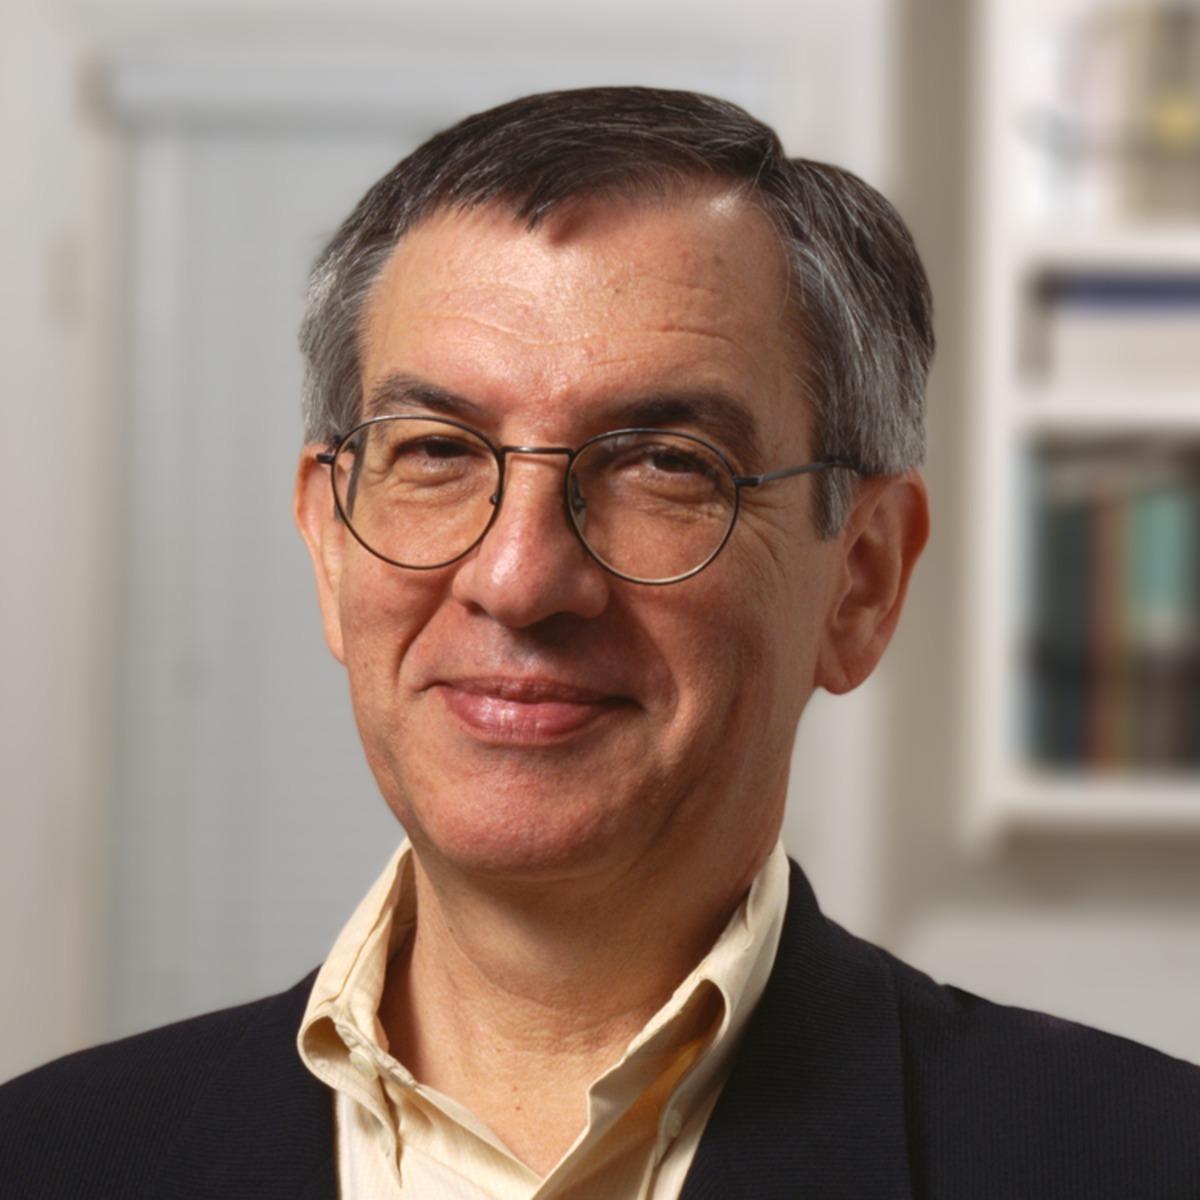 Jon Wiener